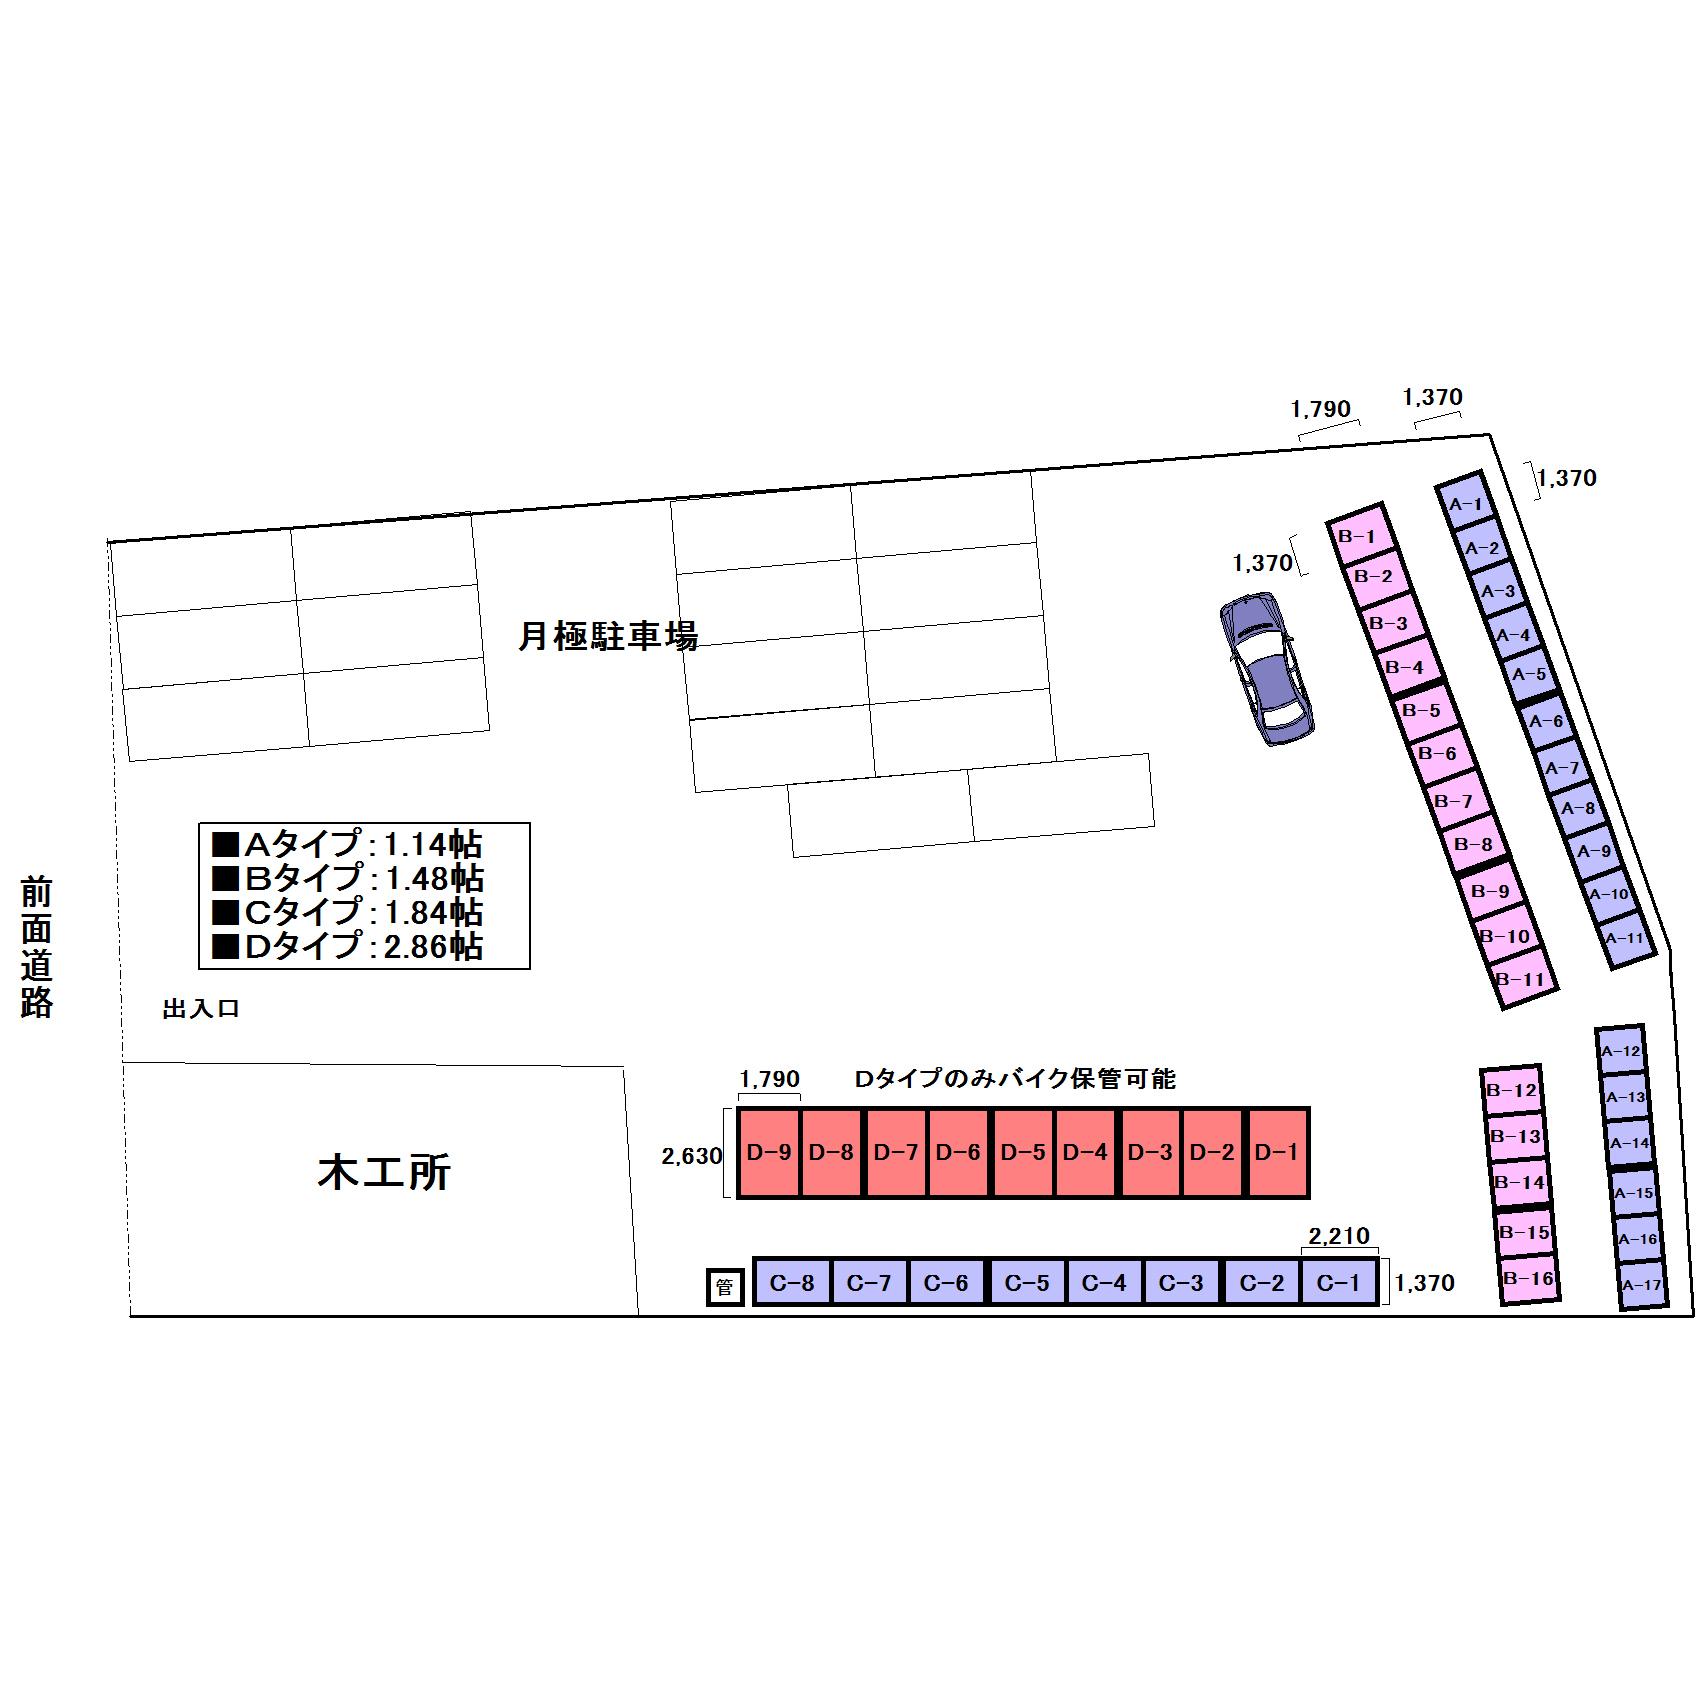 エヌピートランク秋津町4丁目(レイアウト図)